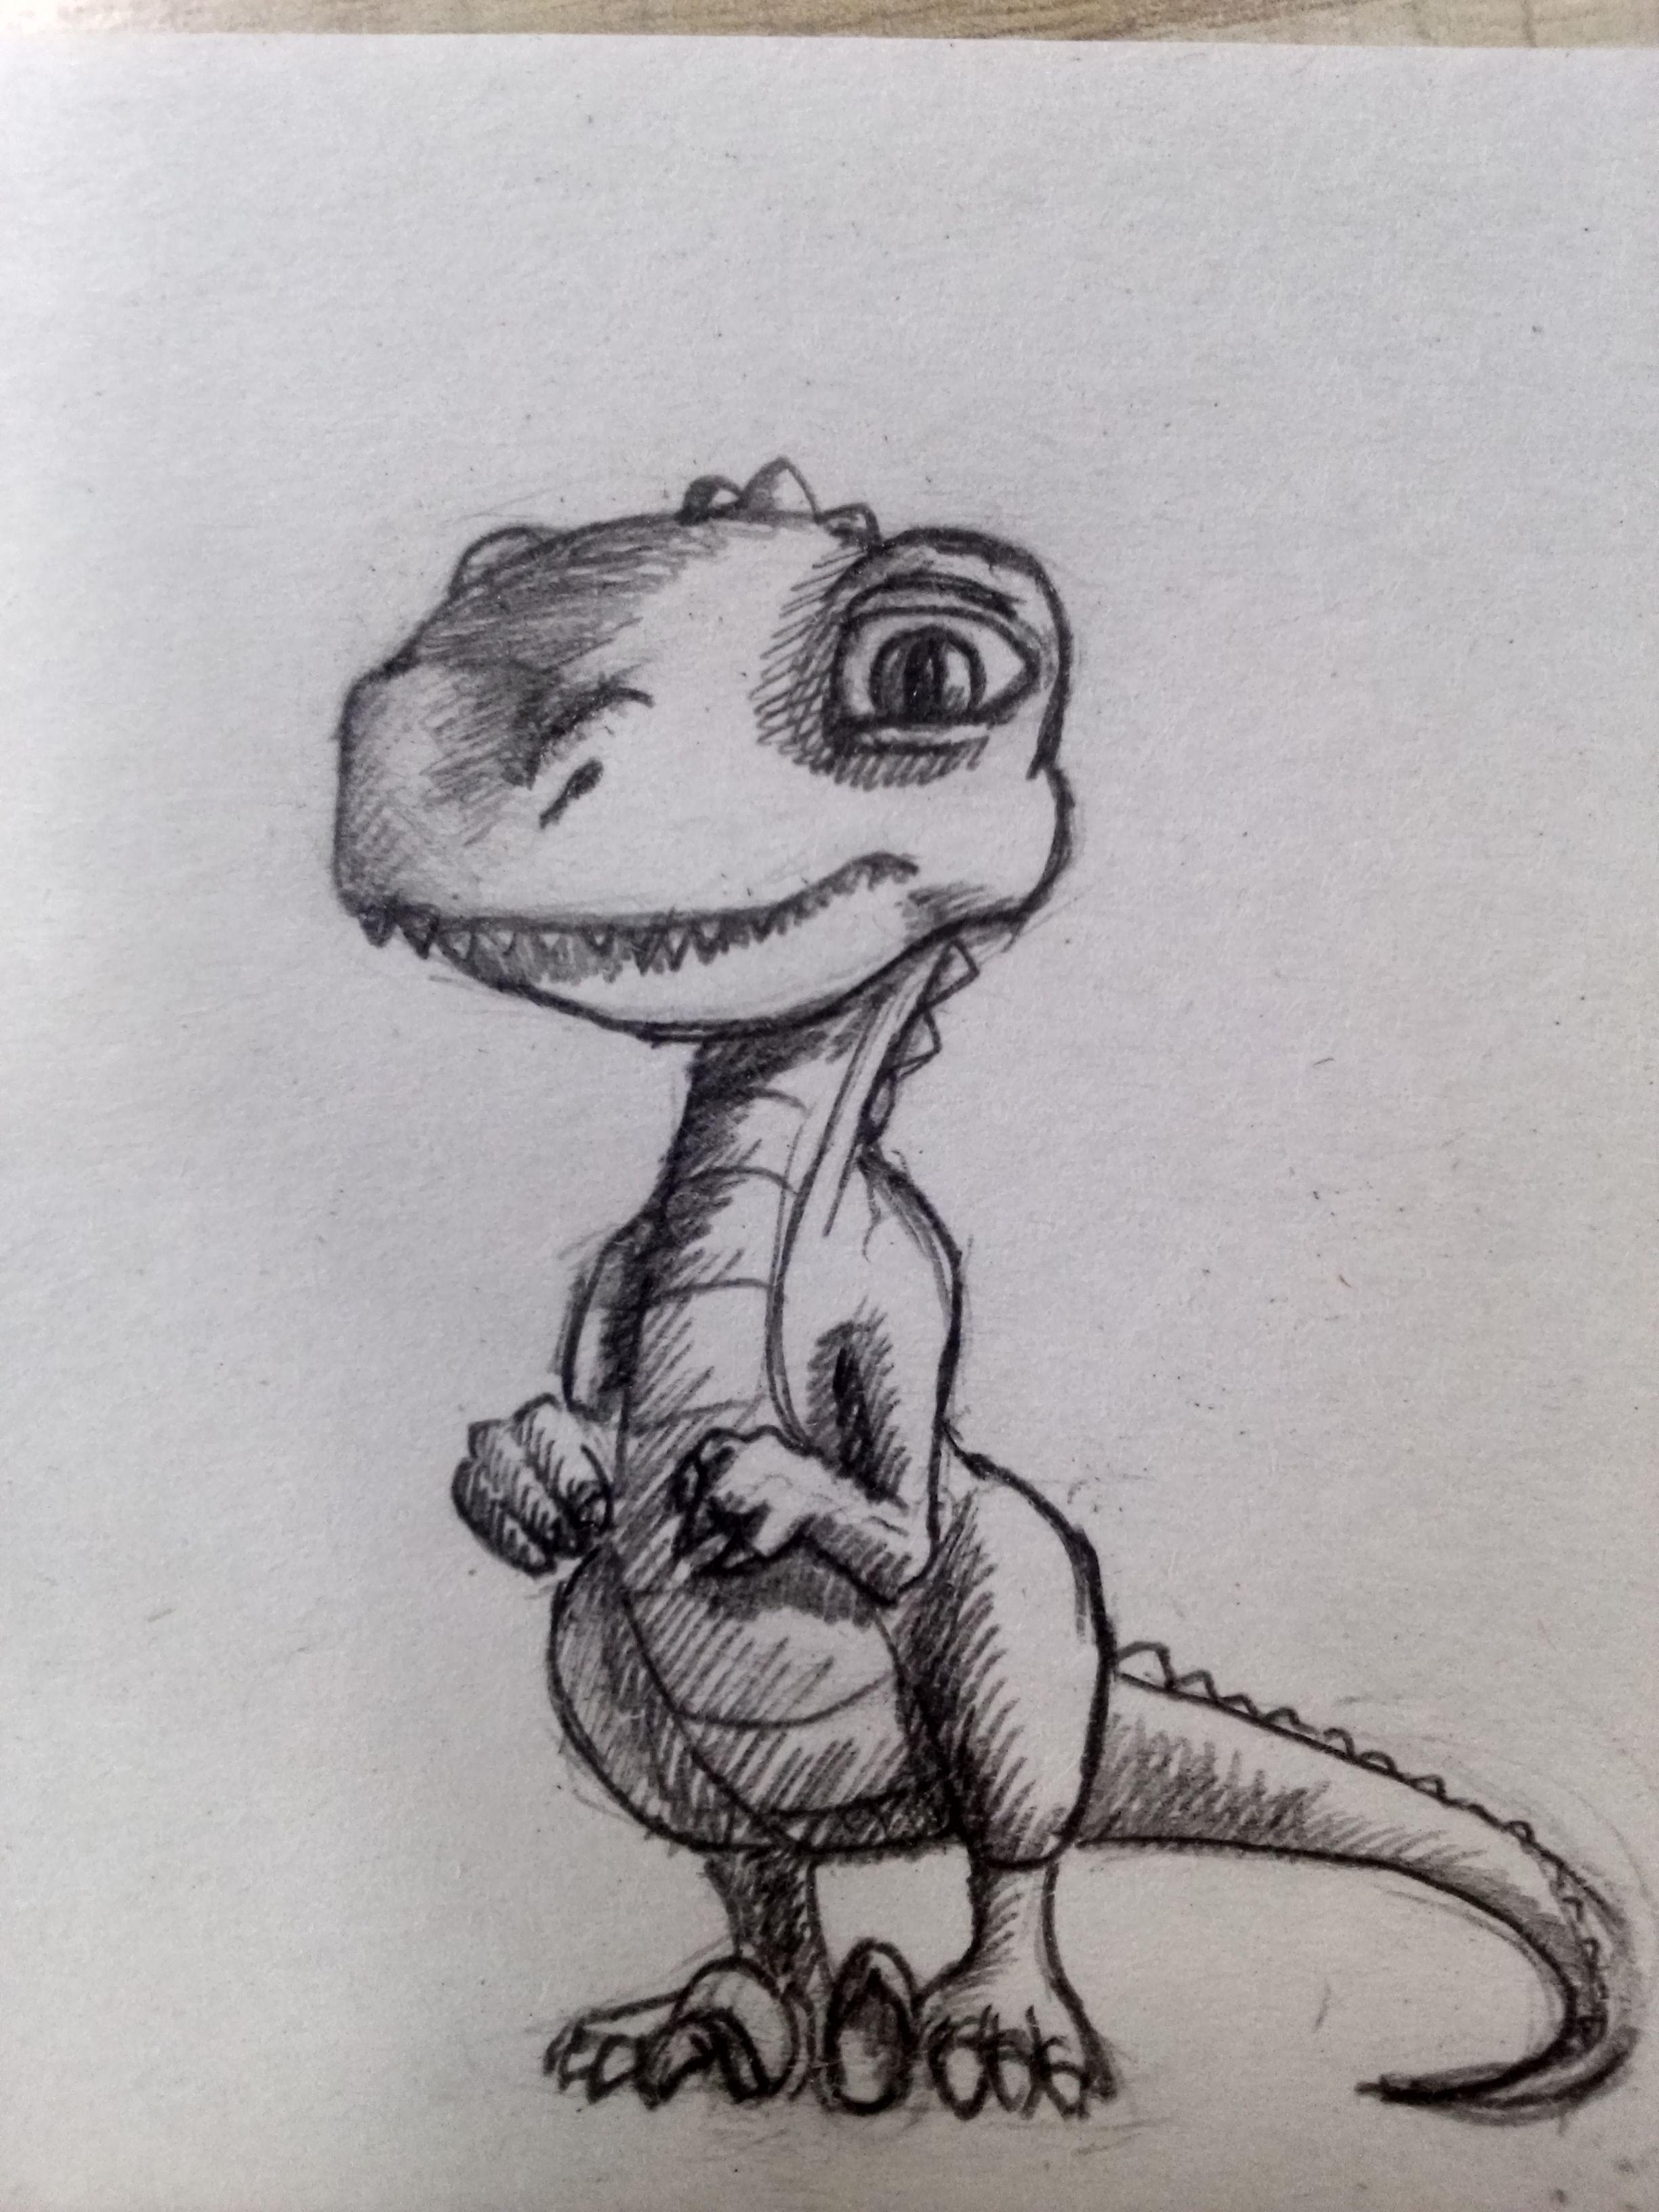 Raptor dinosaur sketch art draw pencil pencil sketch ideas